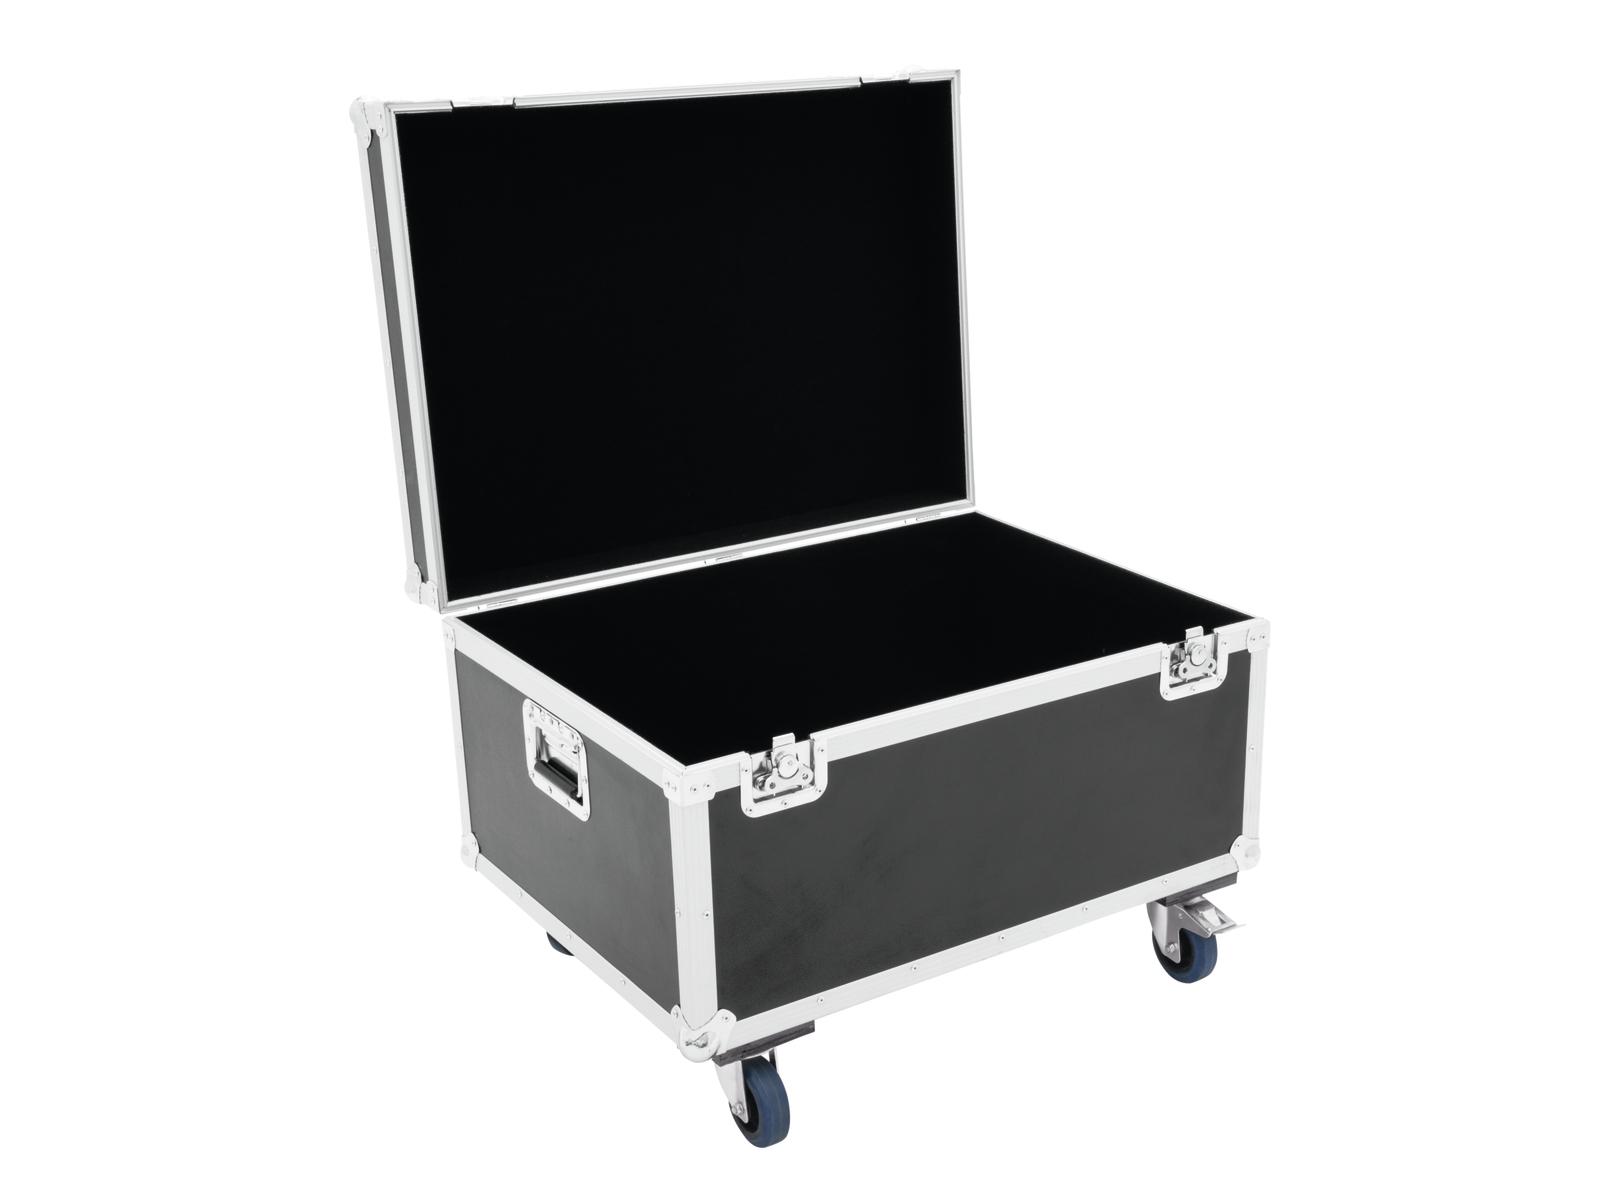 Univerzální transportní Case R-9, 800 x 600mm, na kolečkách